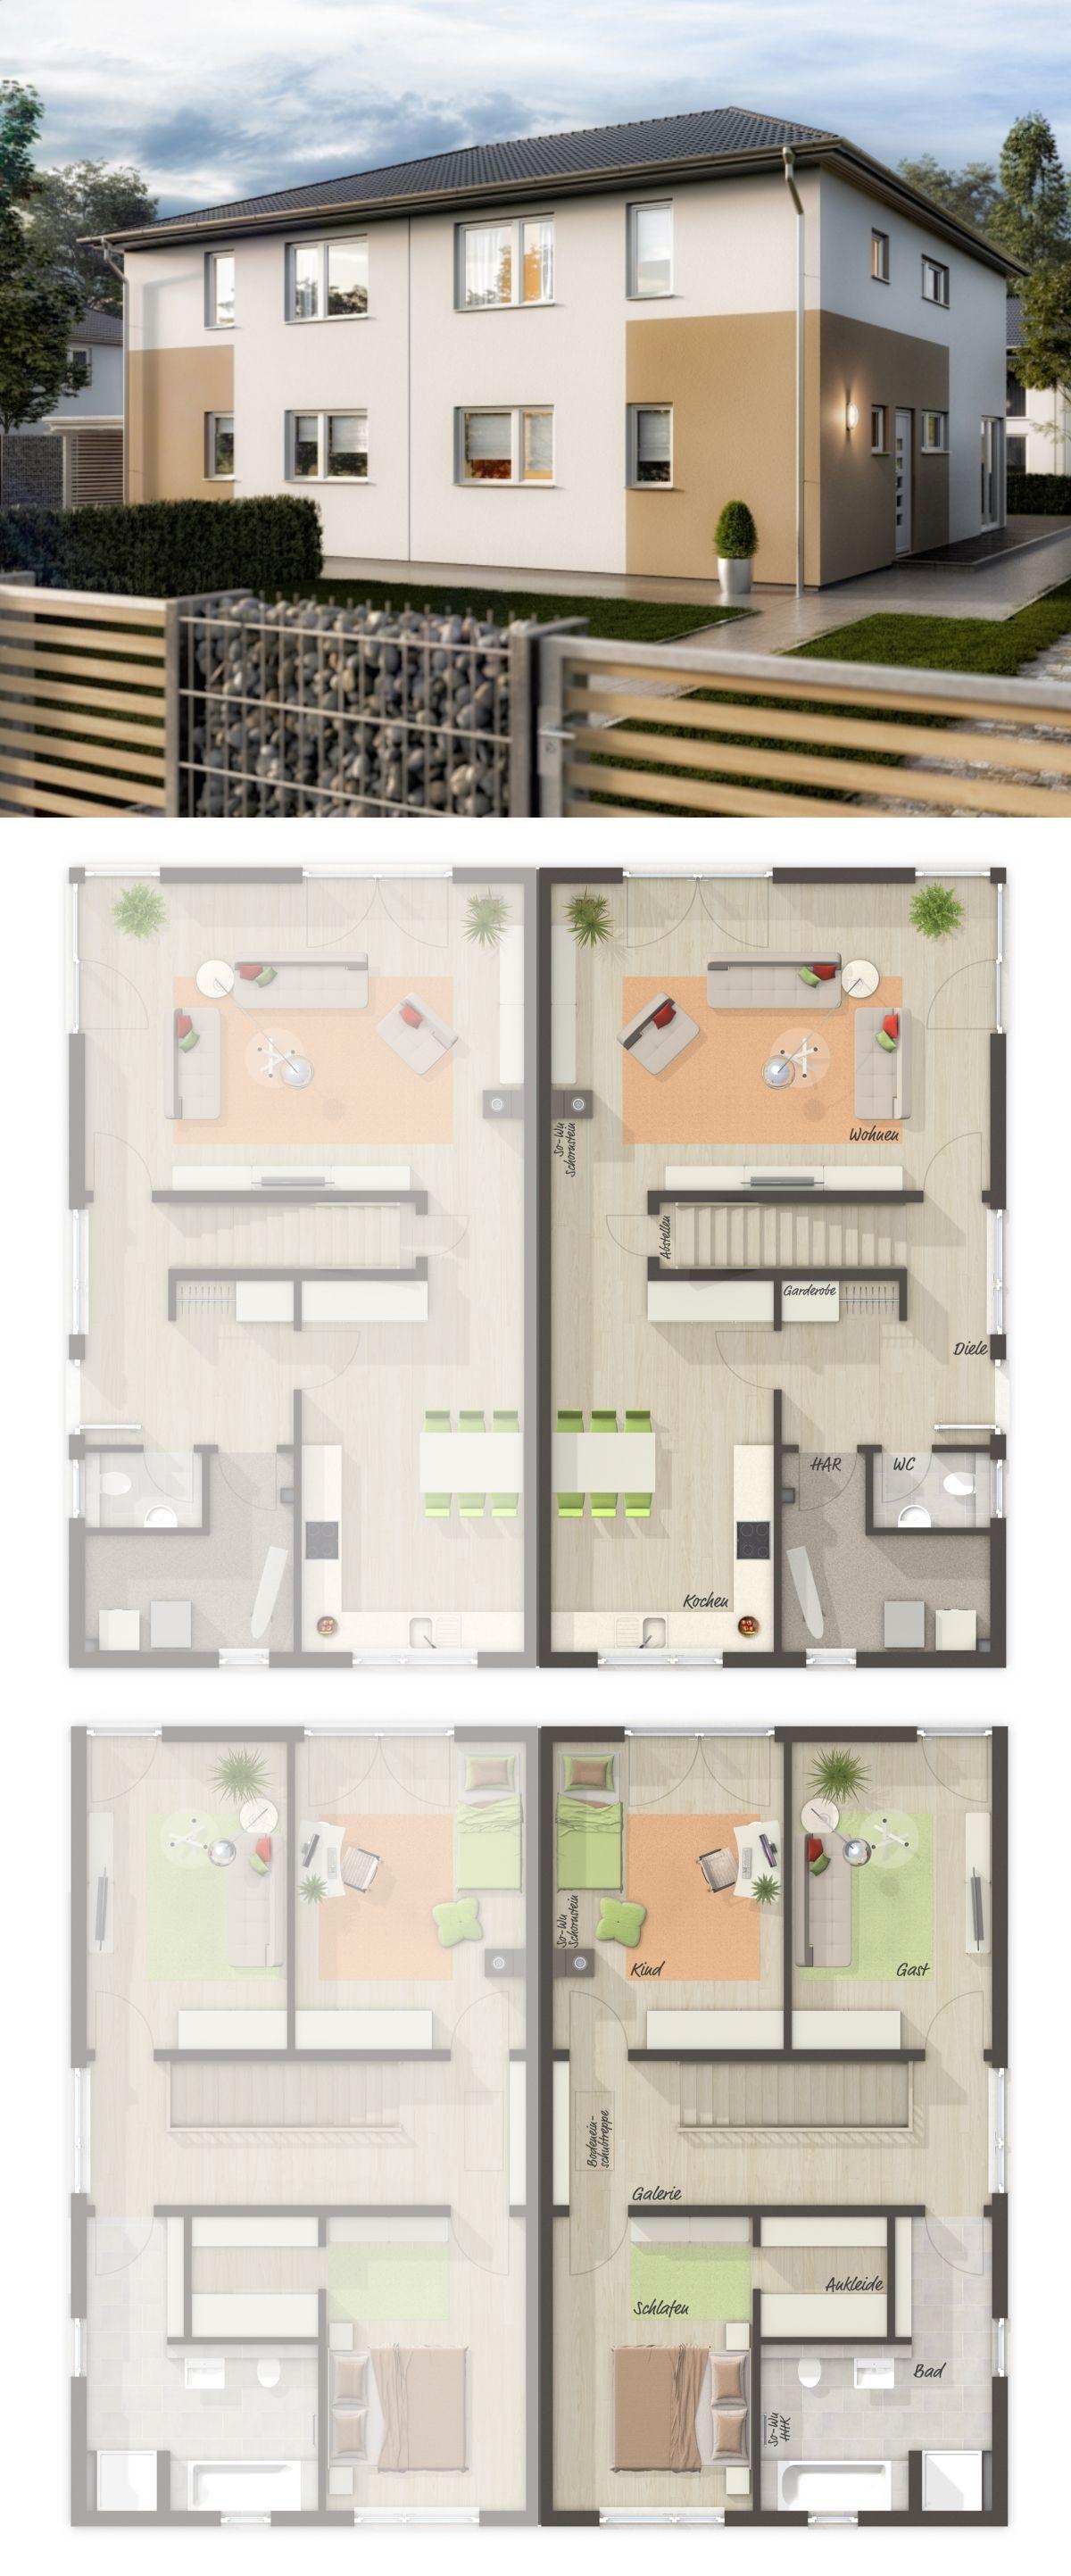 Doppelhaushälfte modern Grundriss mit Walmdach Architektur